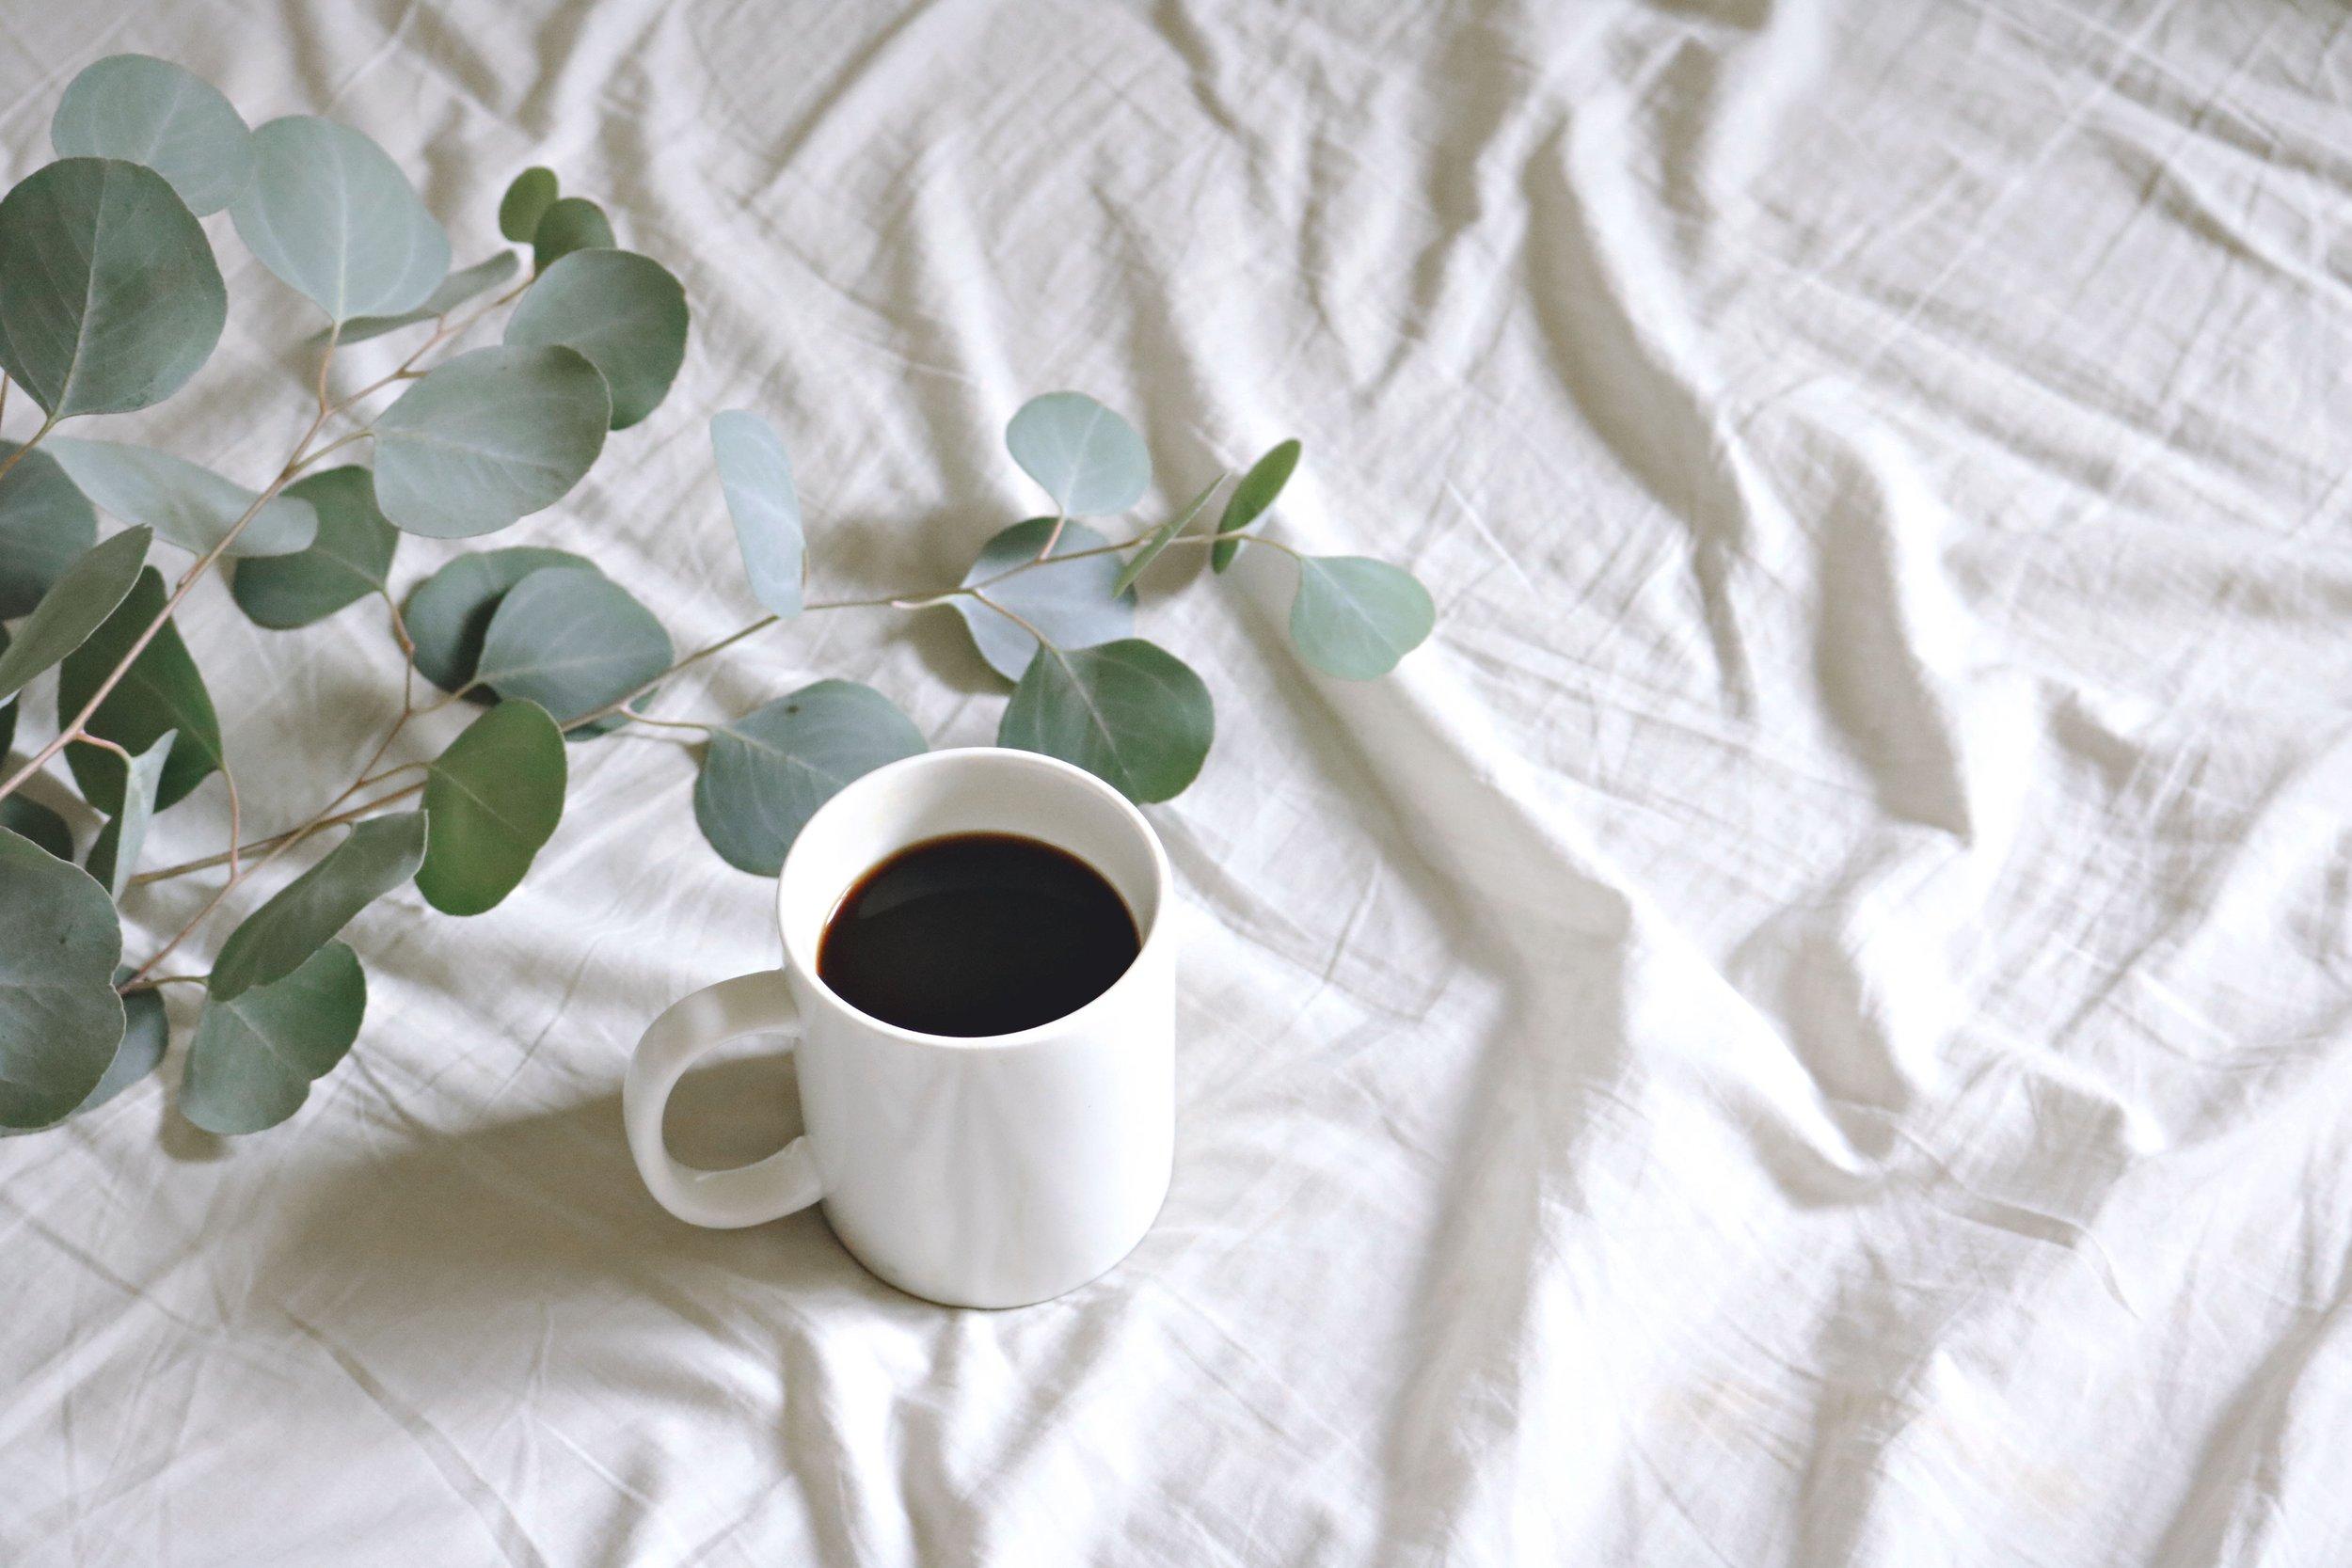 aromatic-beverage-black-coffee-1405761 (1).jpg